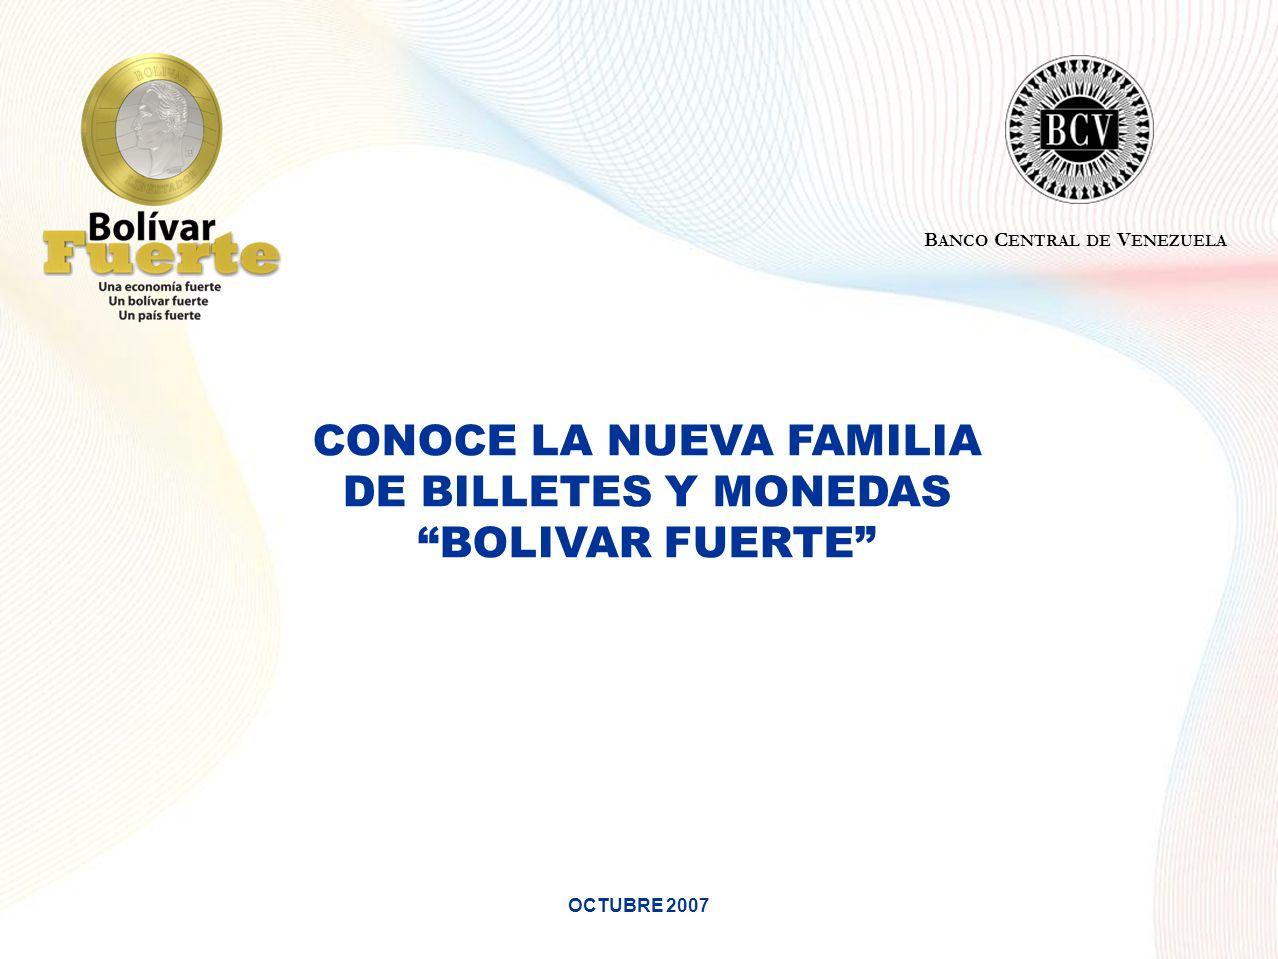 CONOCE LA NUEVA FAMILIA DE BILLETES Y MONEDAS